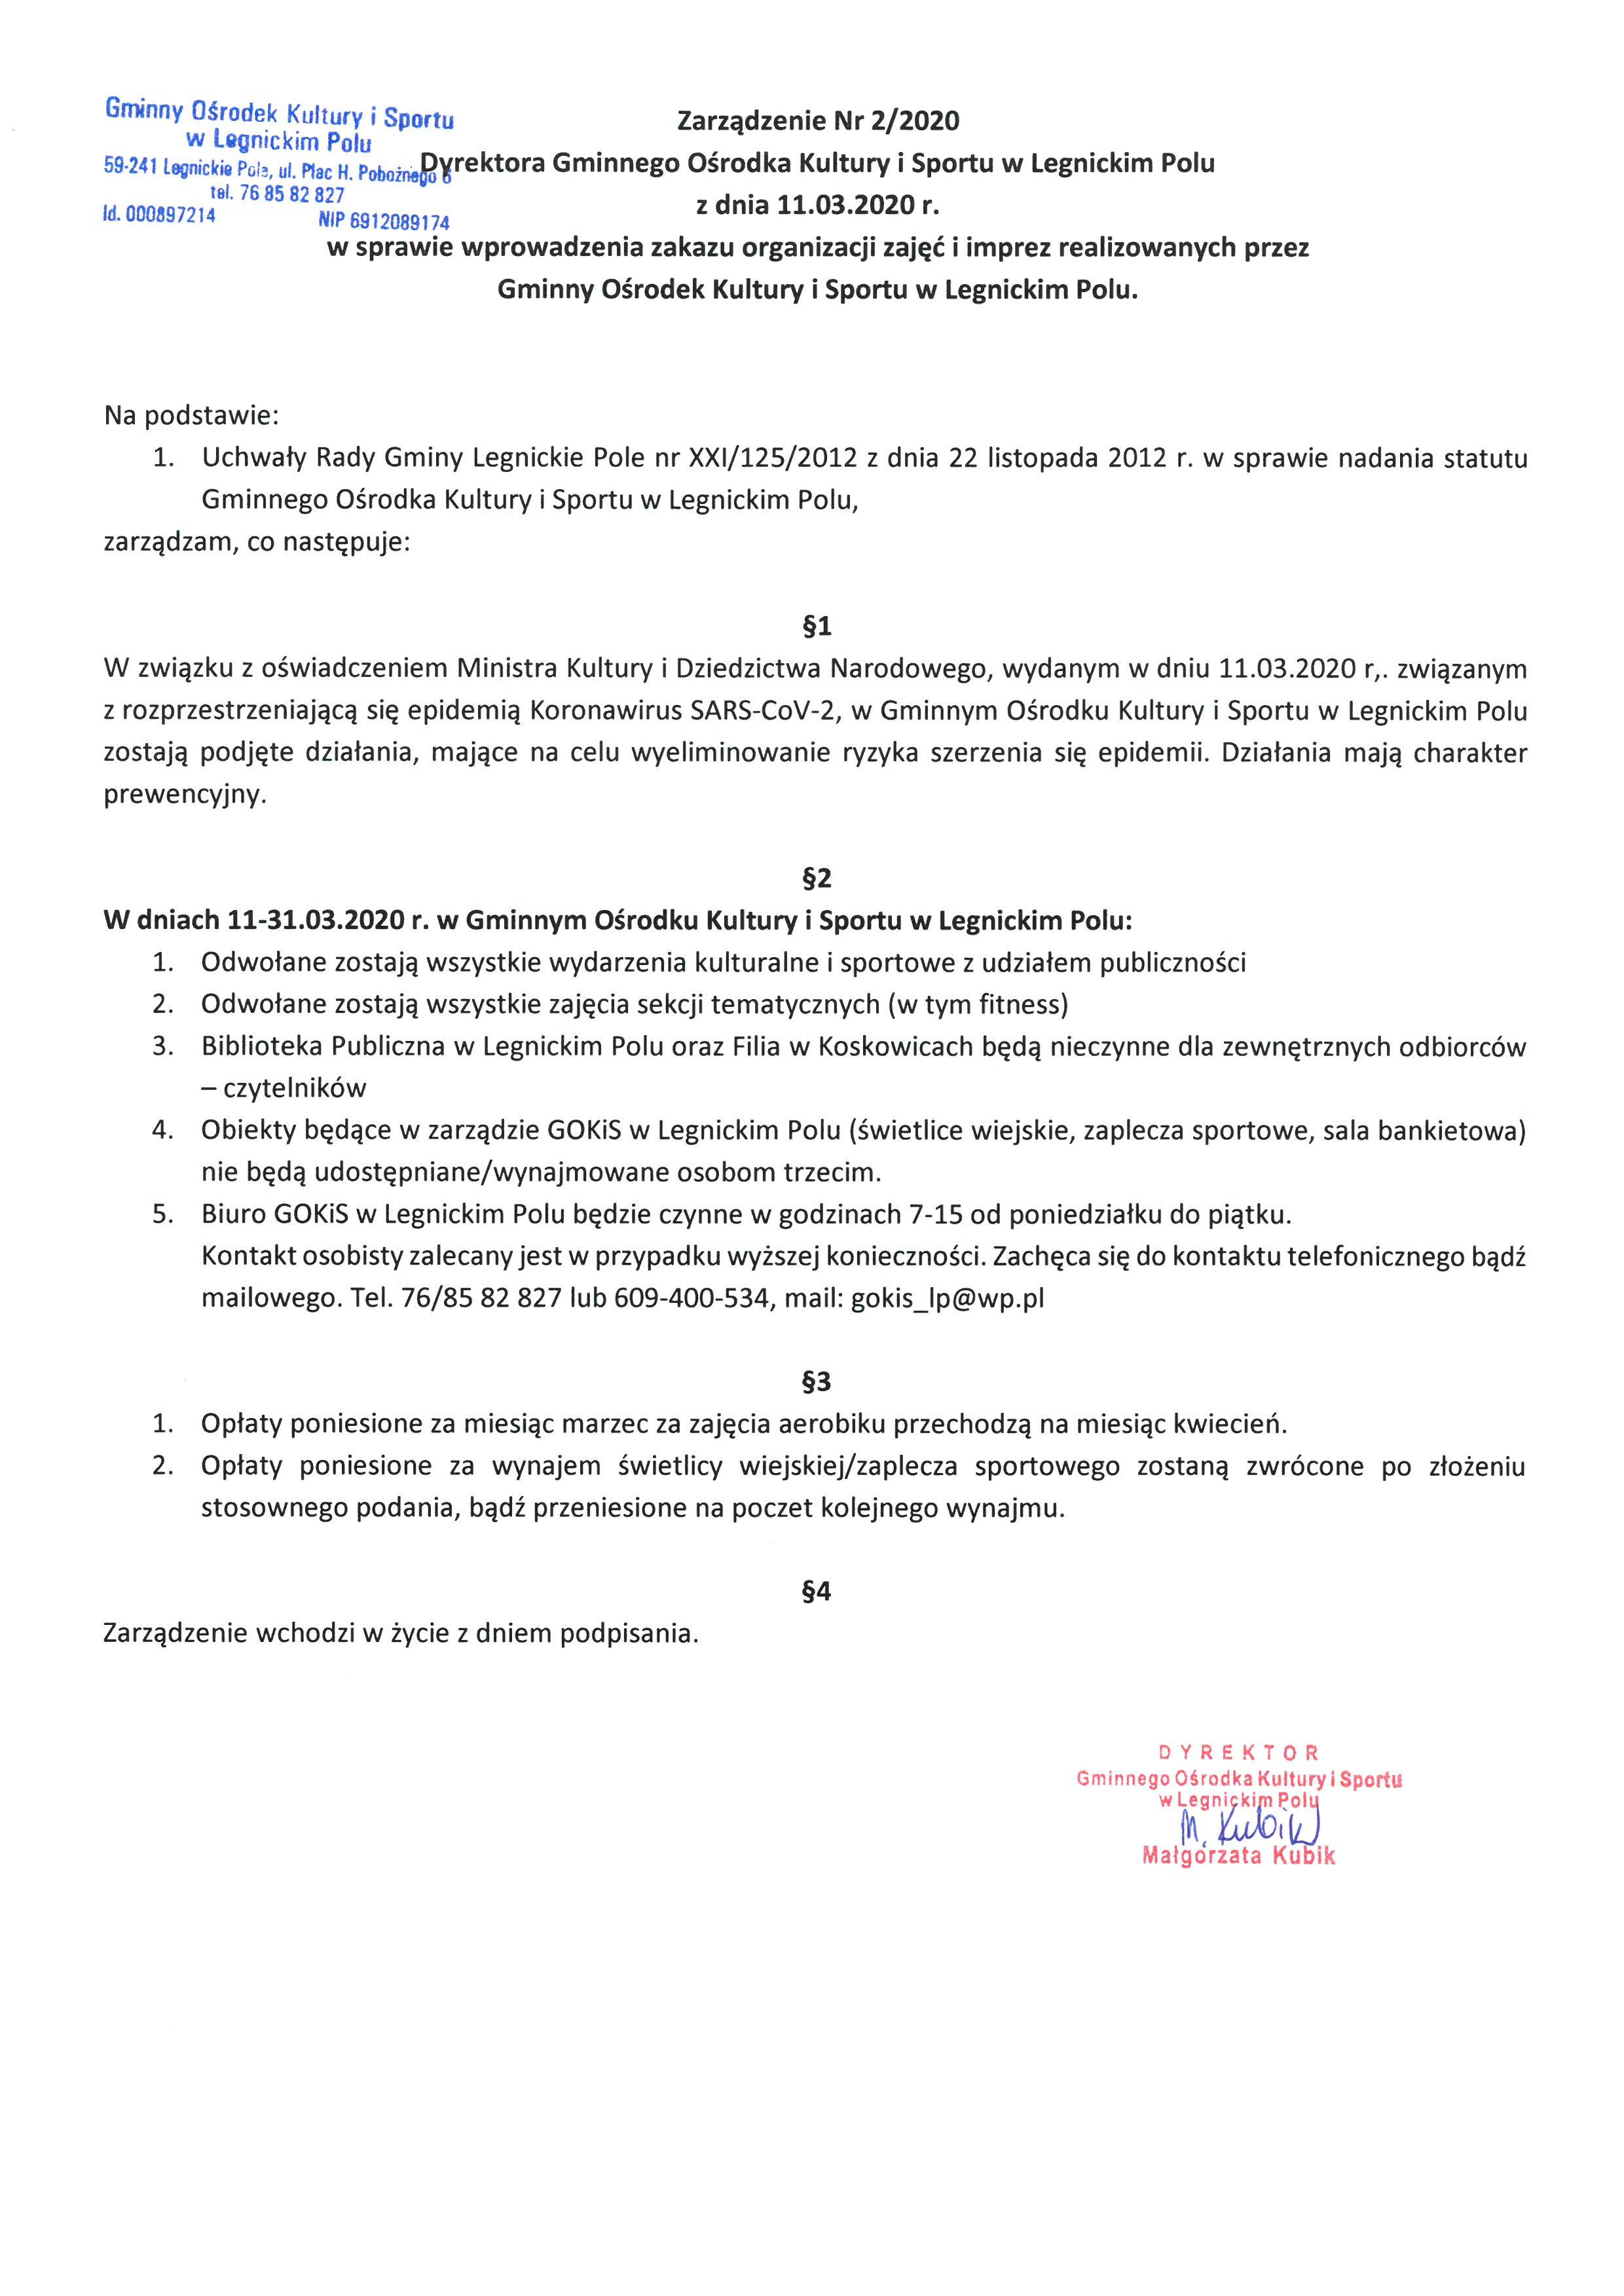 Zarządzenie Dyrektora Gminnego Ośrodka Kultury i Sportu w Legnickim Polu w sprawie wprowadzenia zakazu organizacji zajęć i imprez realizowanych przez GOKiS w Legnickim Polu